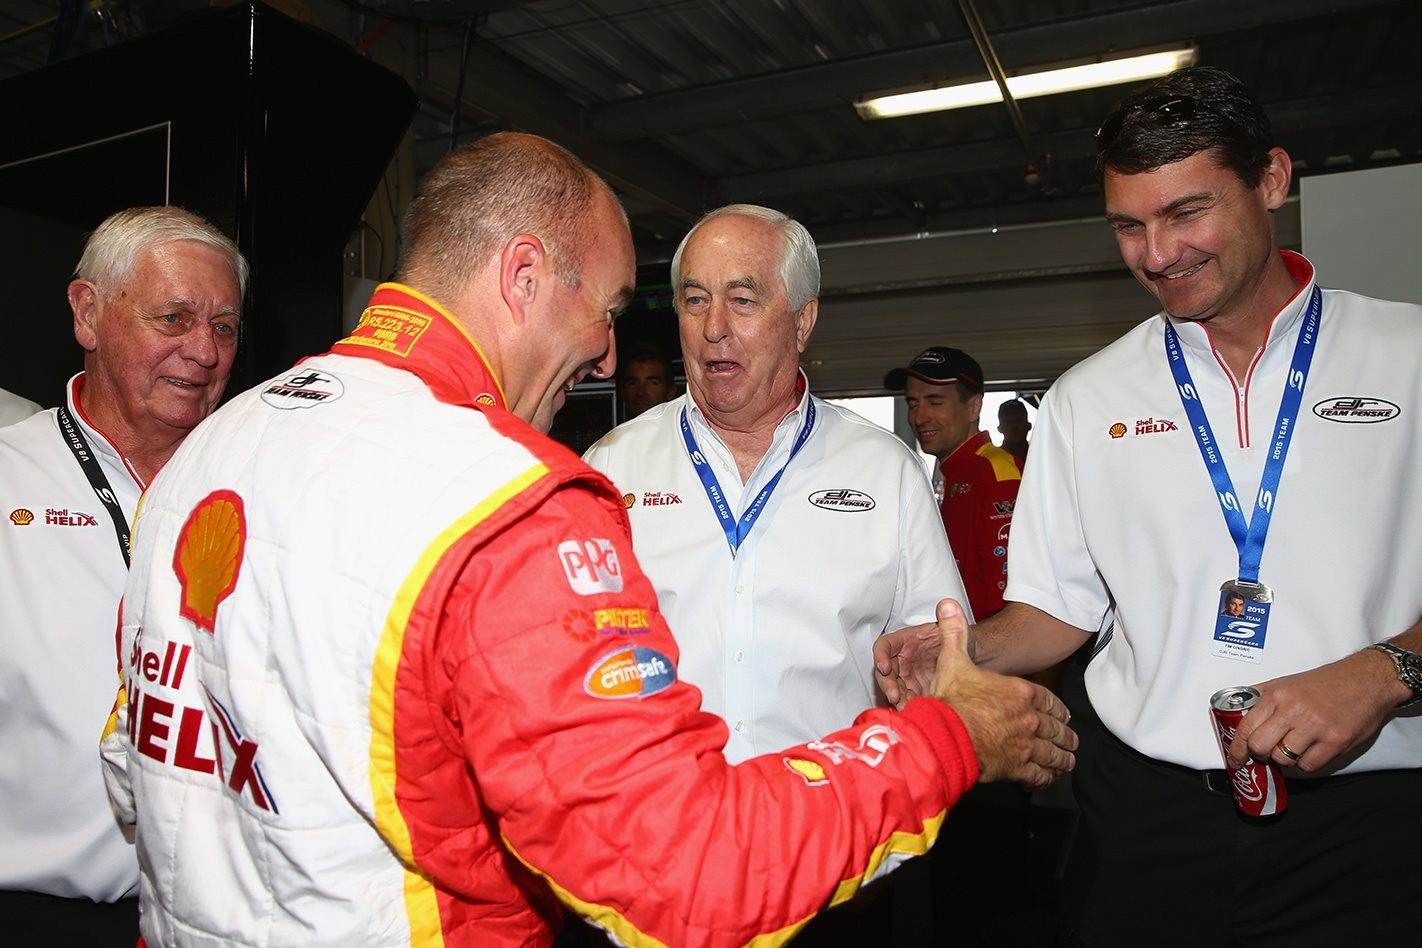 Roger Penske & NASCAR driver Marcos Ambrose